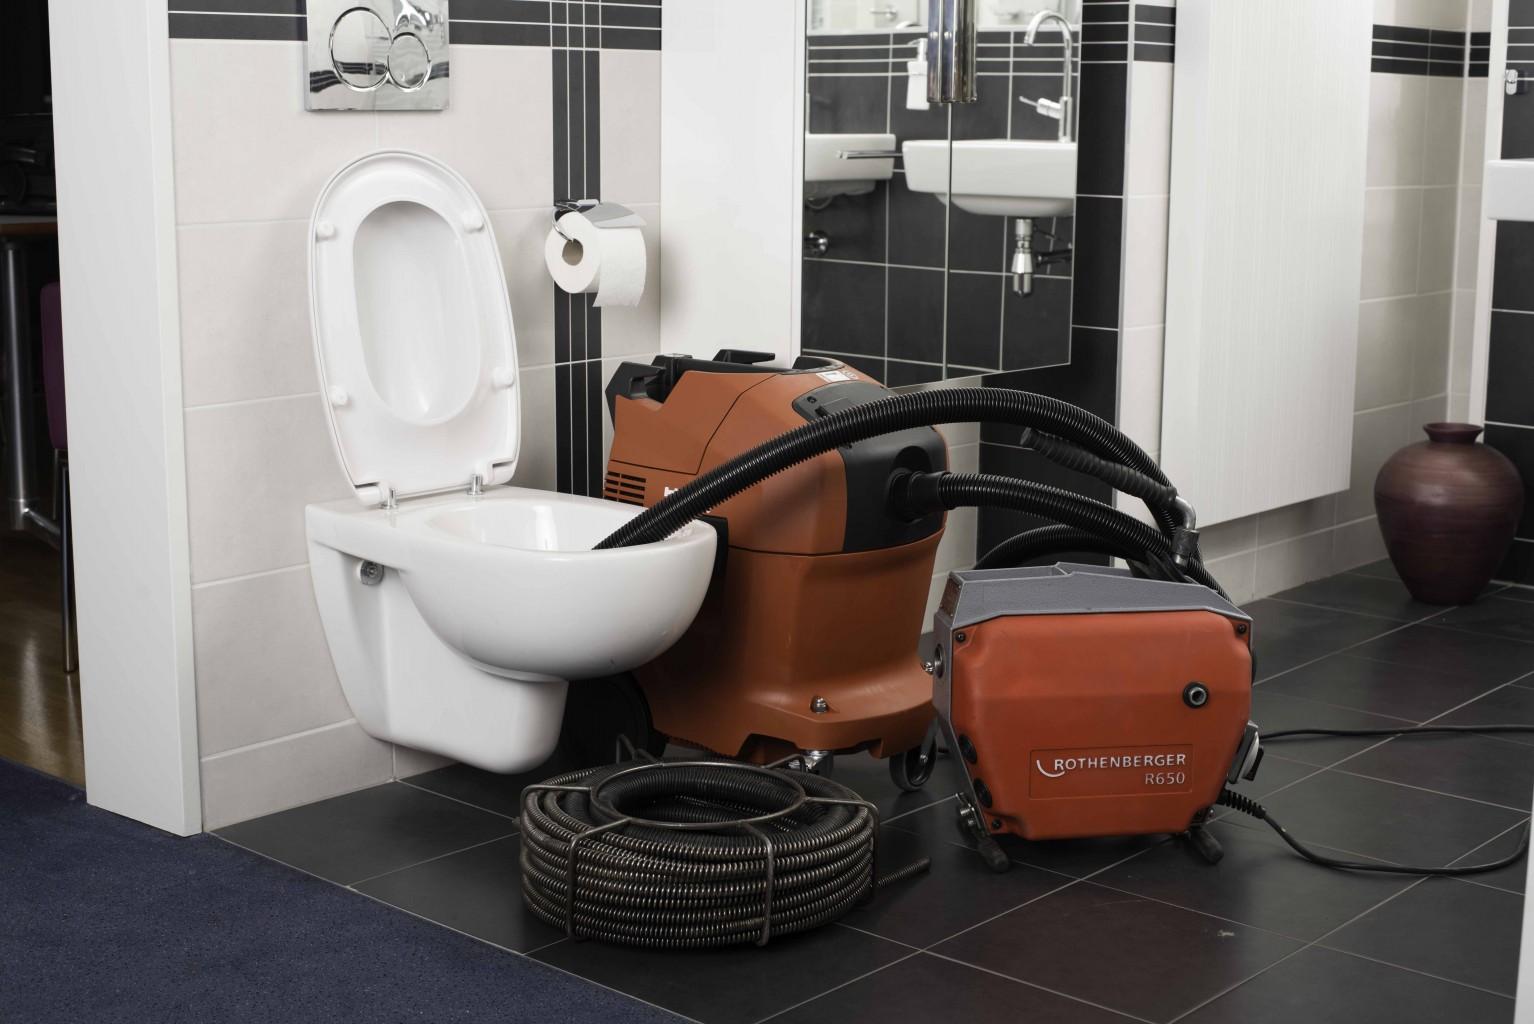 Toilet Zonder Afvoer : Afvoer ontstoppen bel gratis riool opgelost